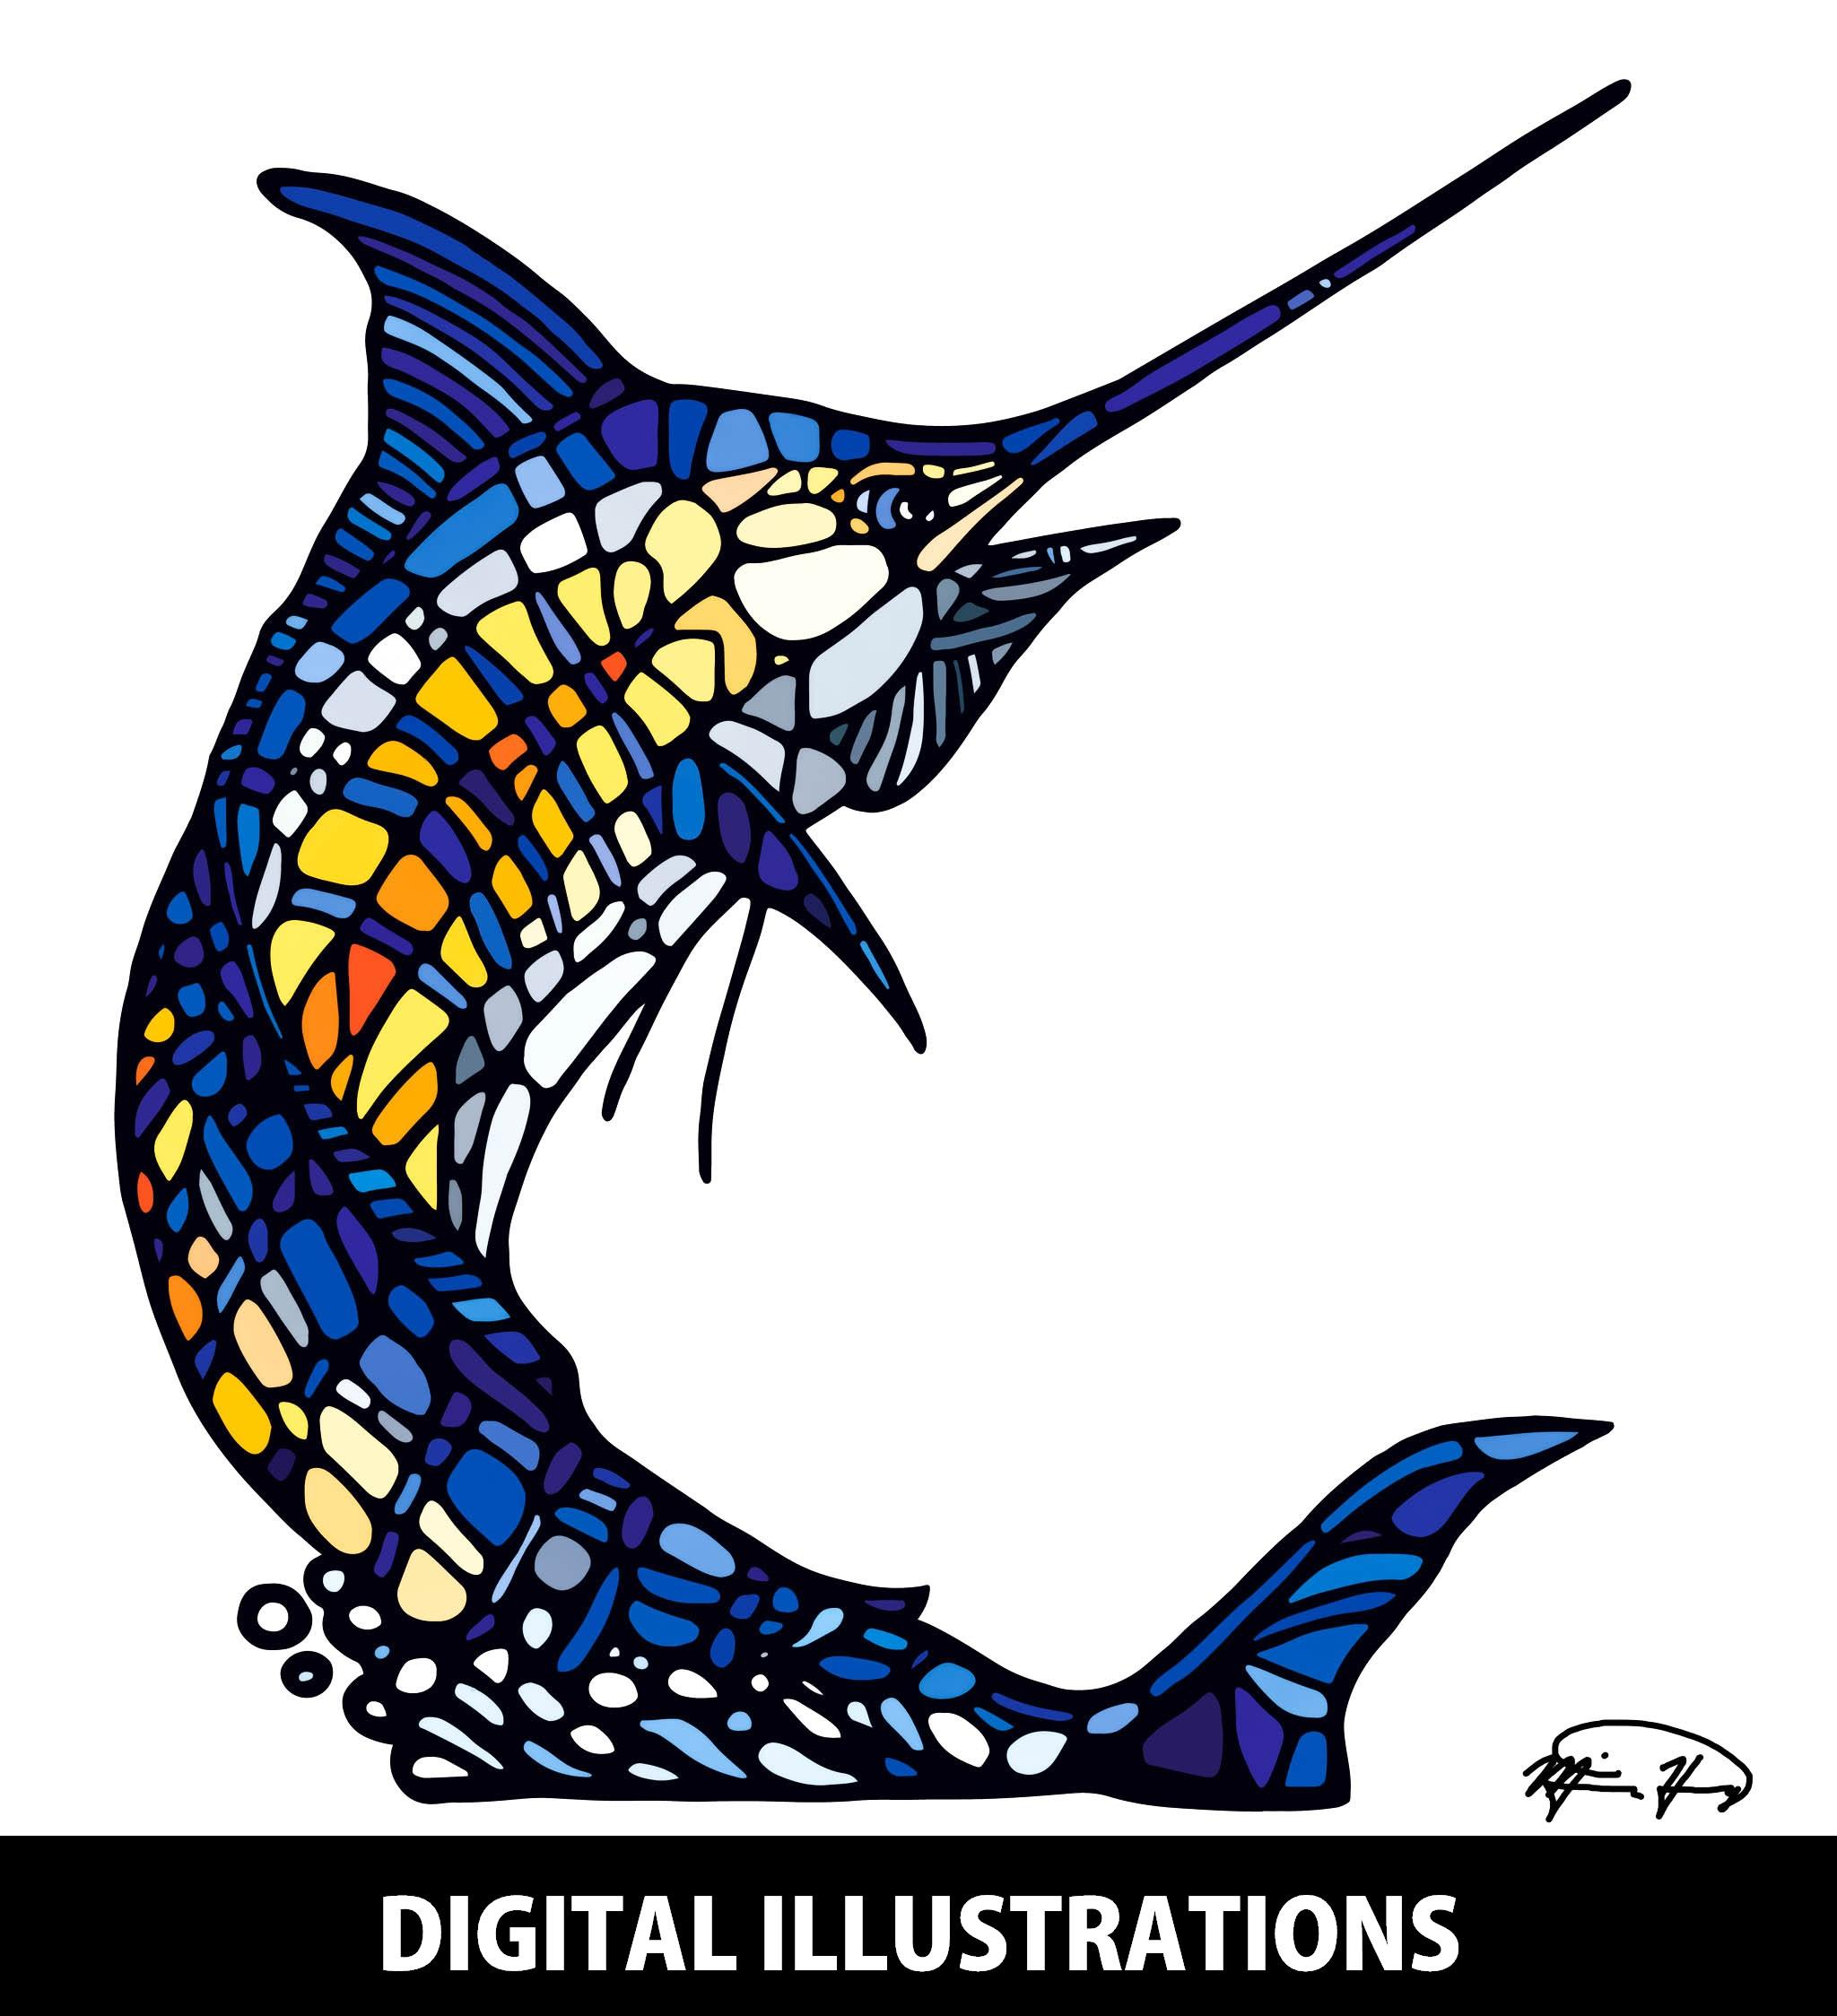 Digital Illustrations Thumbnail.jpg